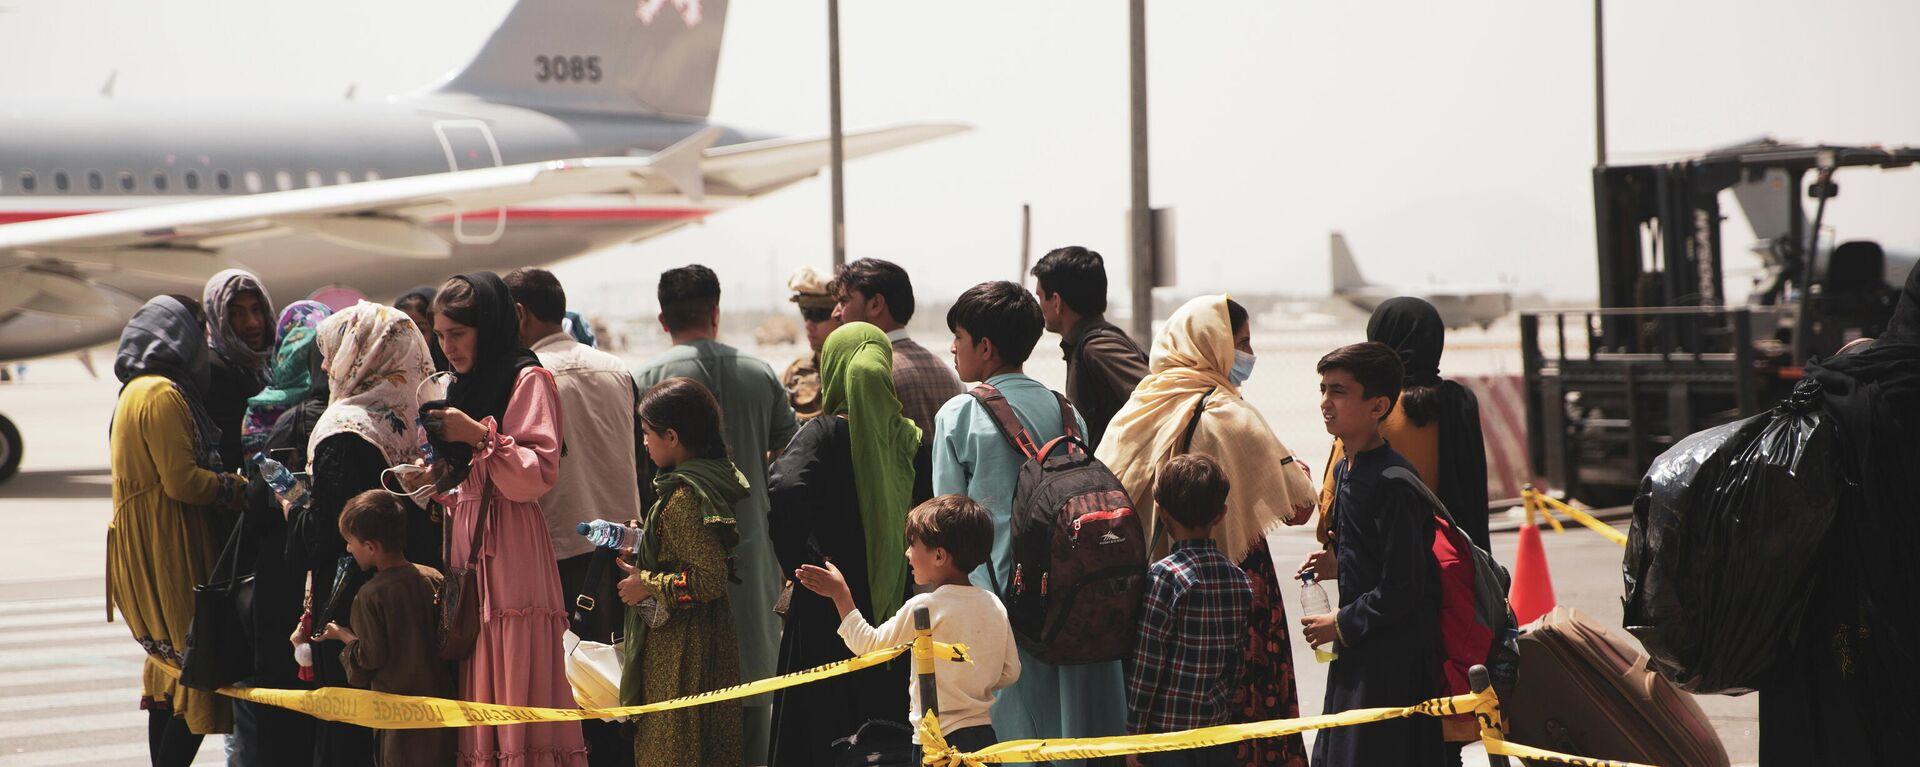 Civiles abordan un avión durante una evacuación en el Aeropuerto Internacional Hamid Karzai, Kabul - Sputnik Mundo, 1920, 19.08.2021